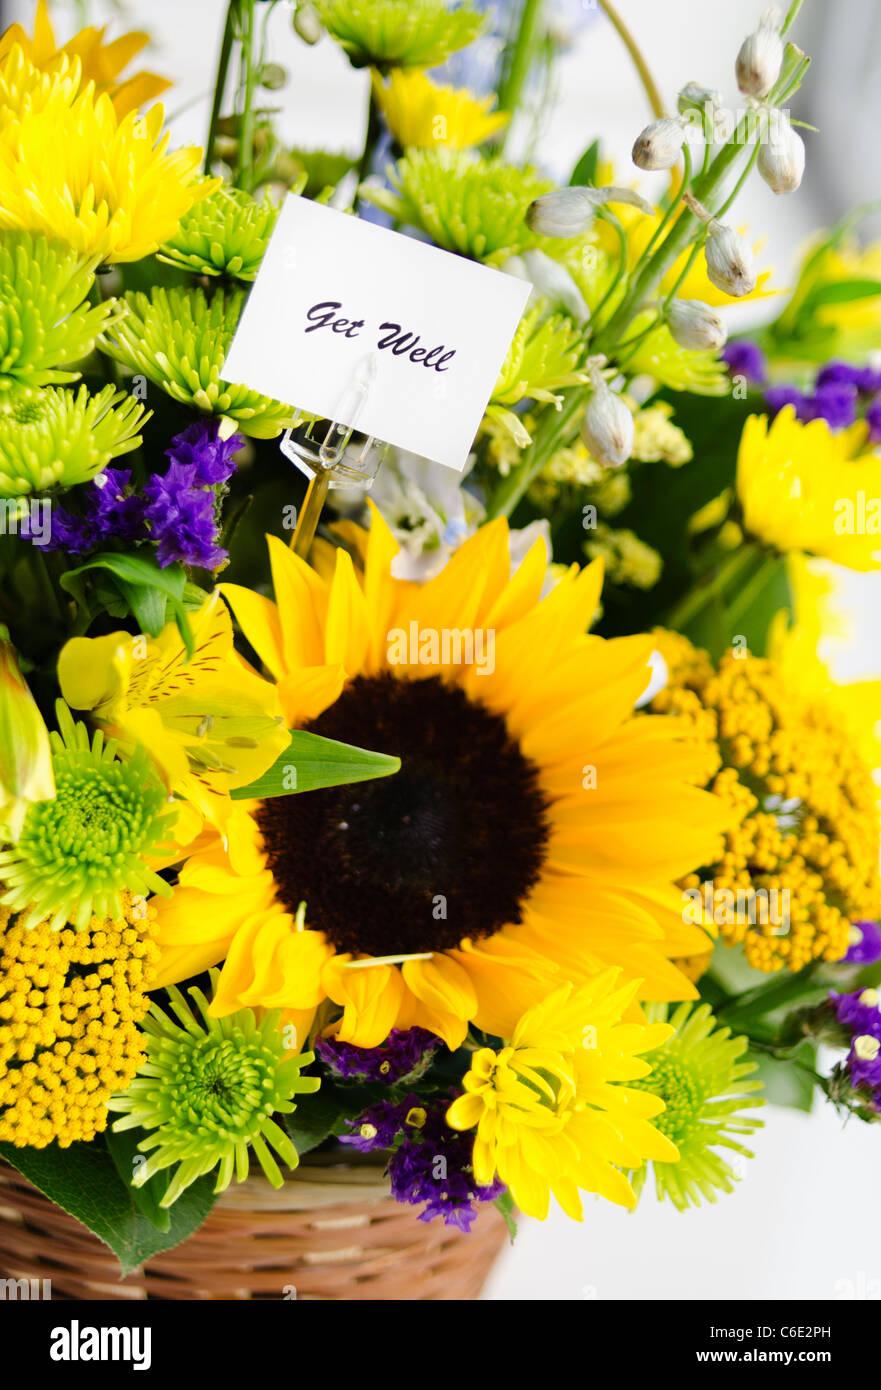 Blumenstrauß mit Karte Stockbild